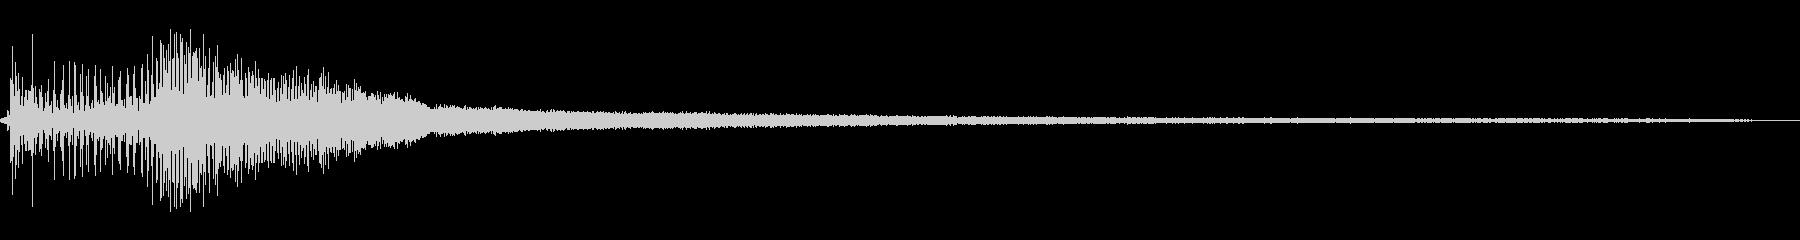 25 HPアウトボード:スタート、...の未再生の波形